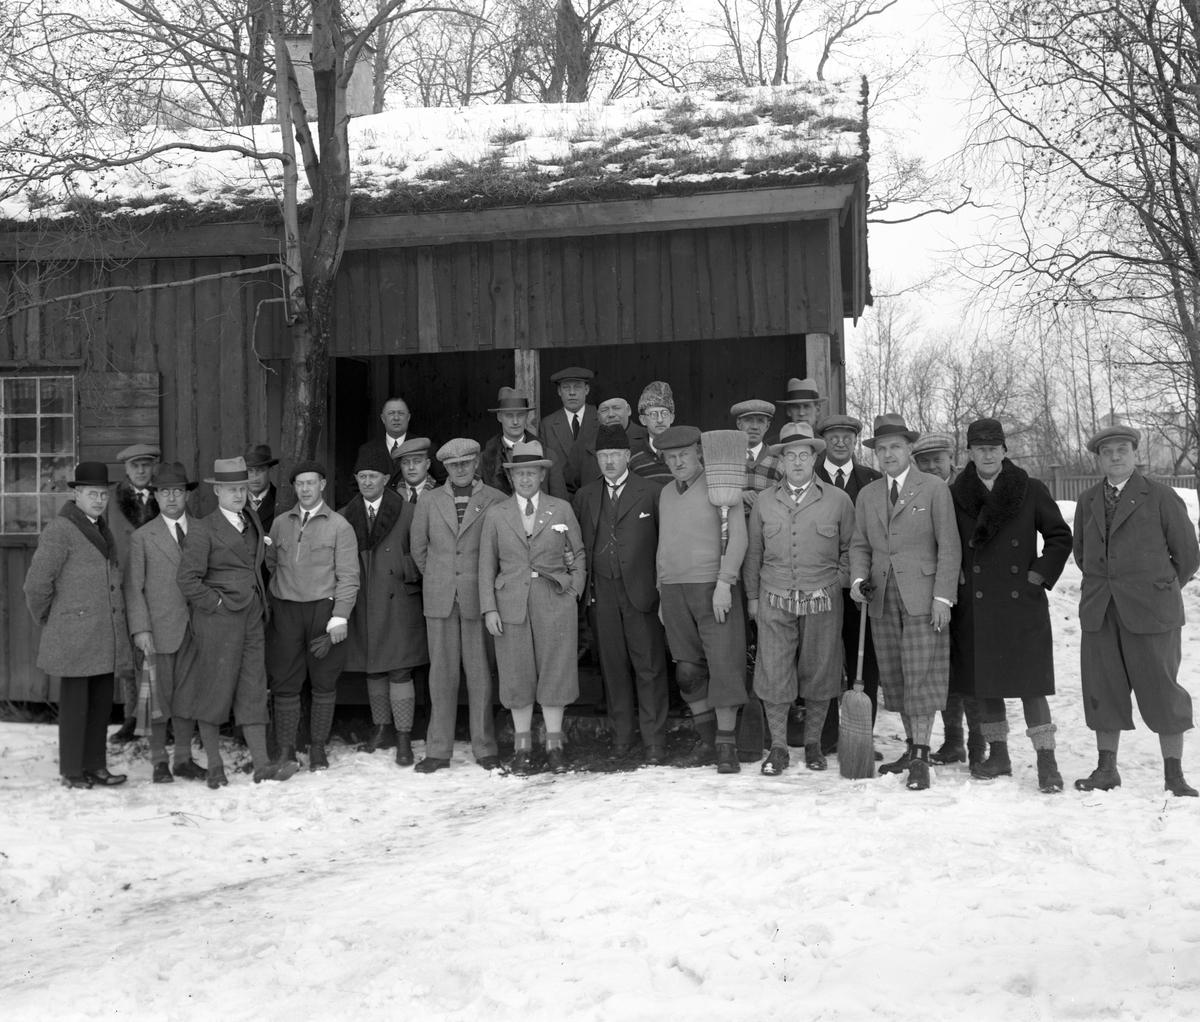 Karlstads curlare på en bild från ca 1930. Curlingklubben utövade i början av 1930-talet sin sport på en bana som låg där parkeringen öster om biblioteket nu finns.